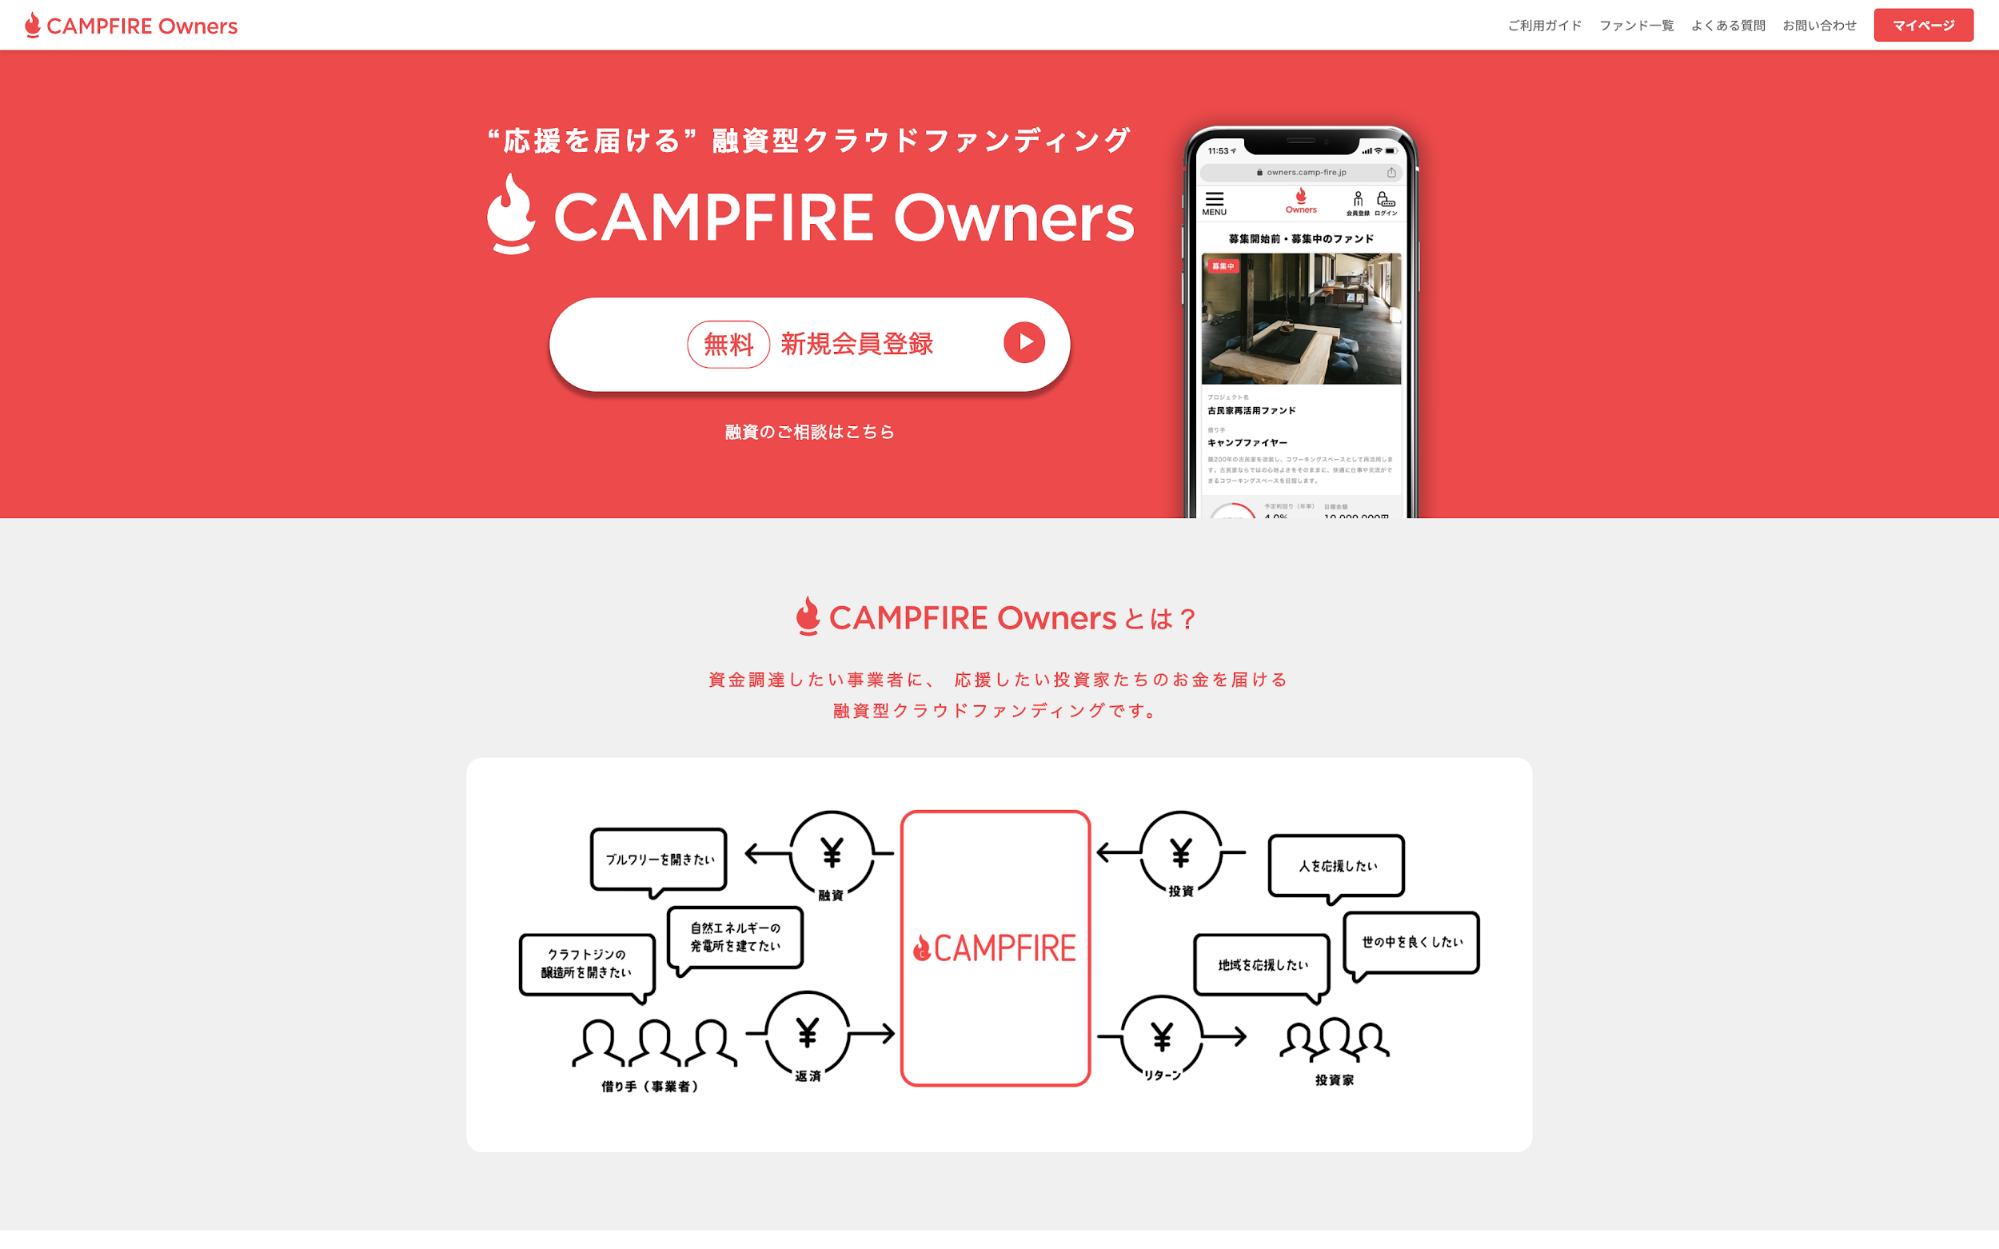 融資型クラウドファンディング「CAMPFIRE Owners」、日本保証と提携し保証つき新ファンドを公開